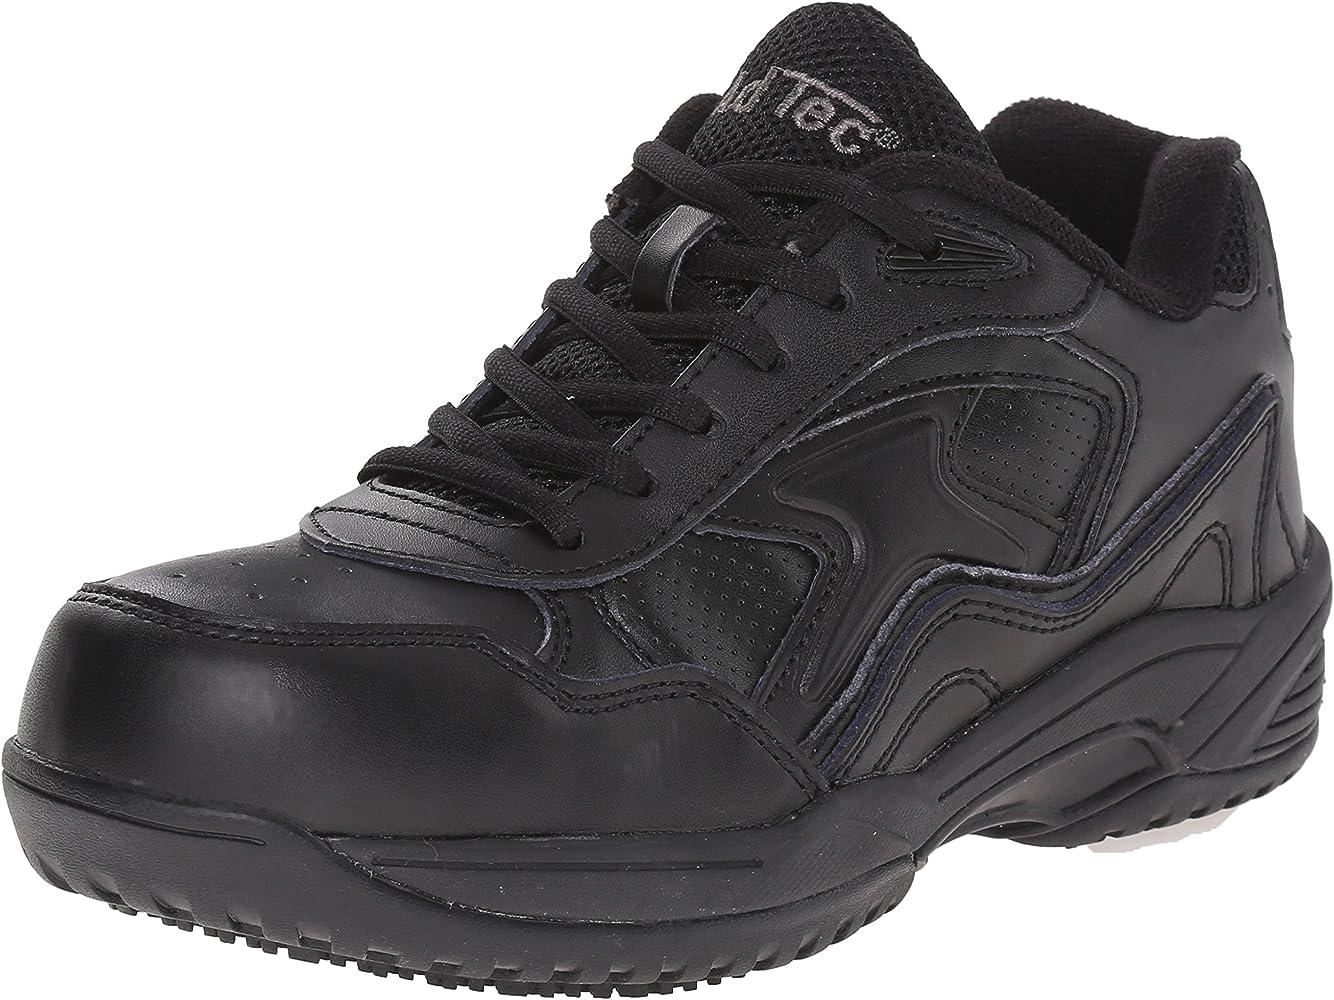 Shoes Composite Toe